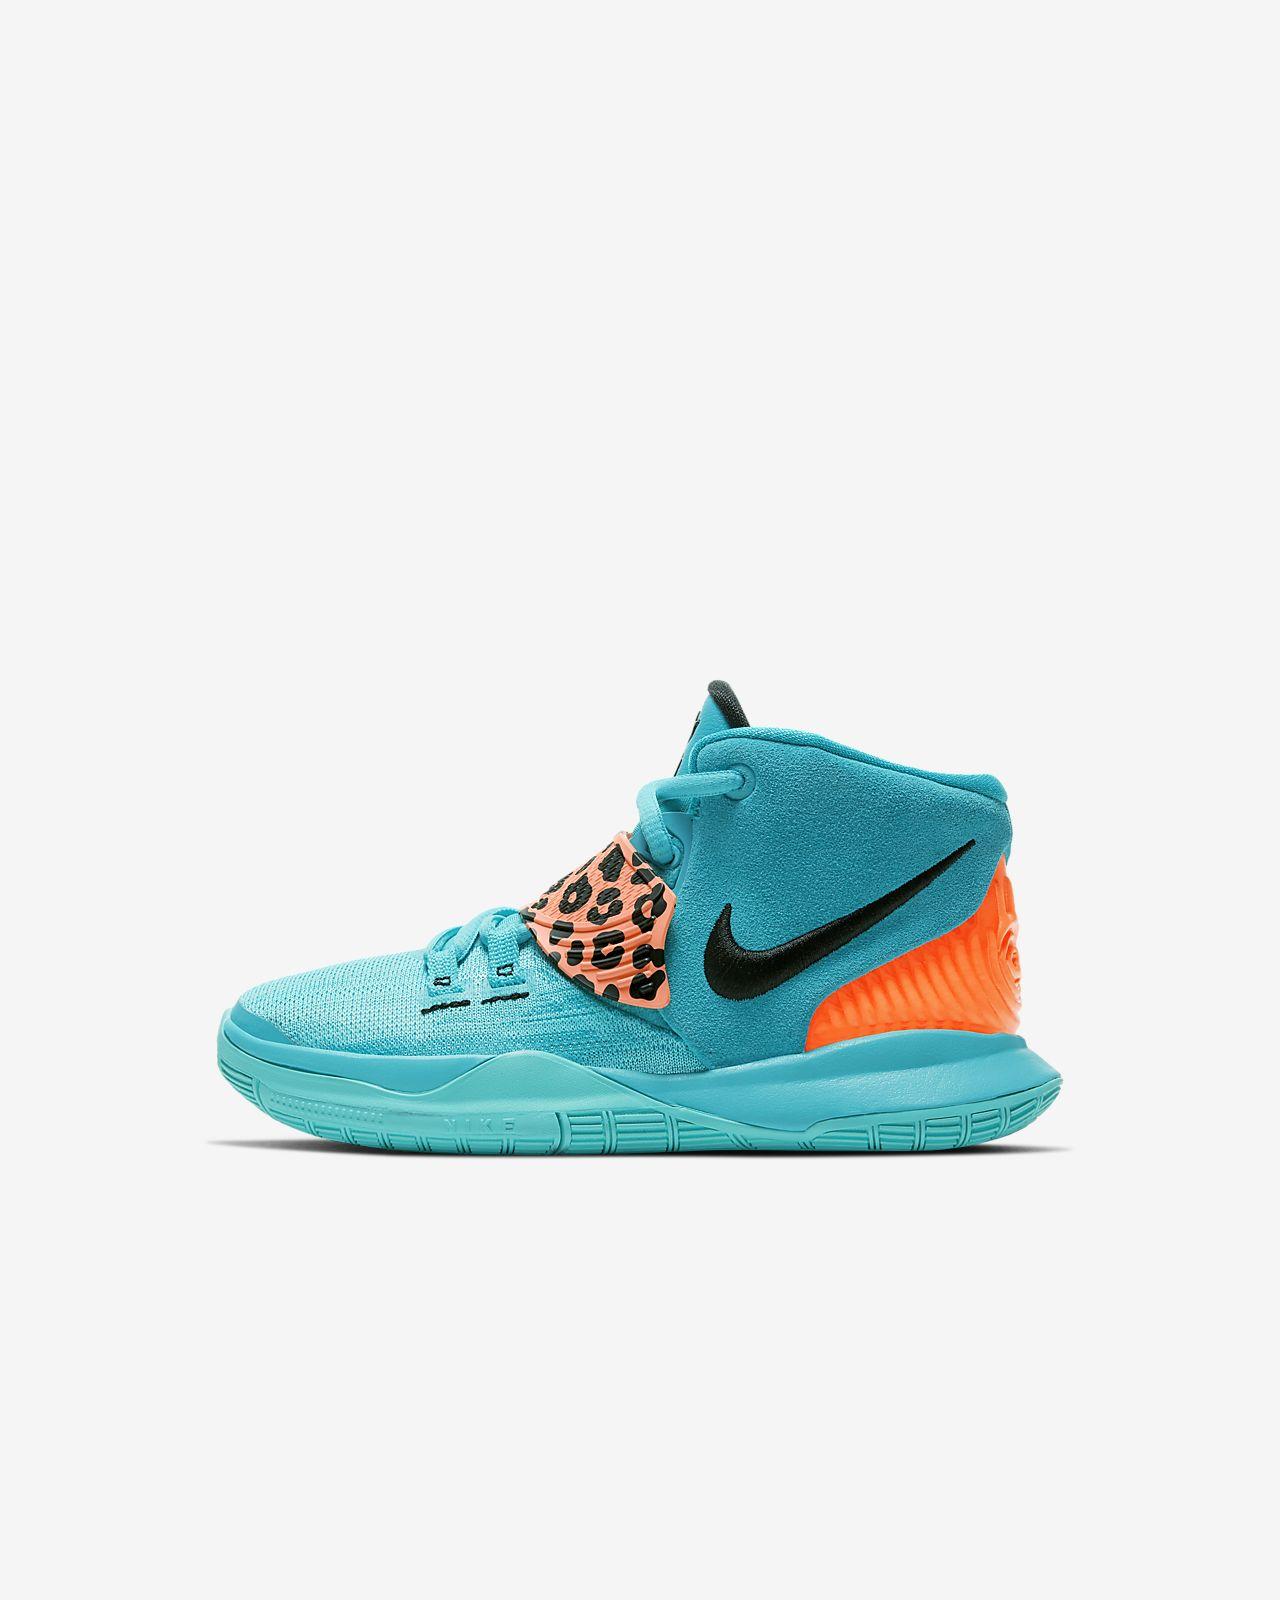 Kyrie 6 Little Kids' Shoe